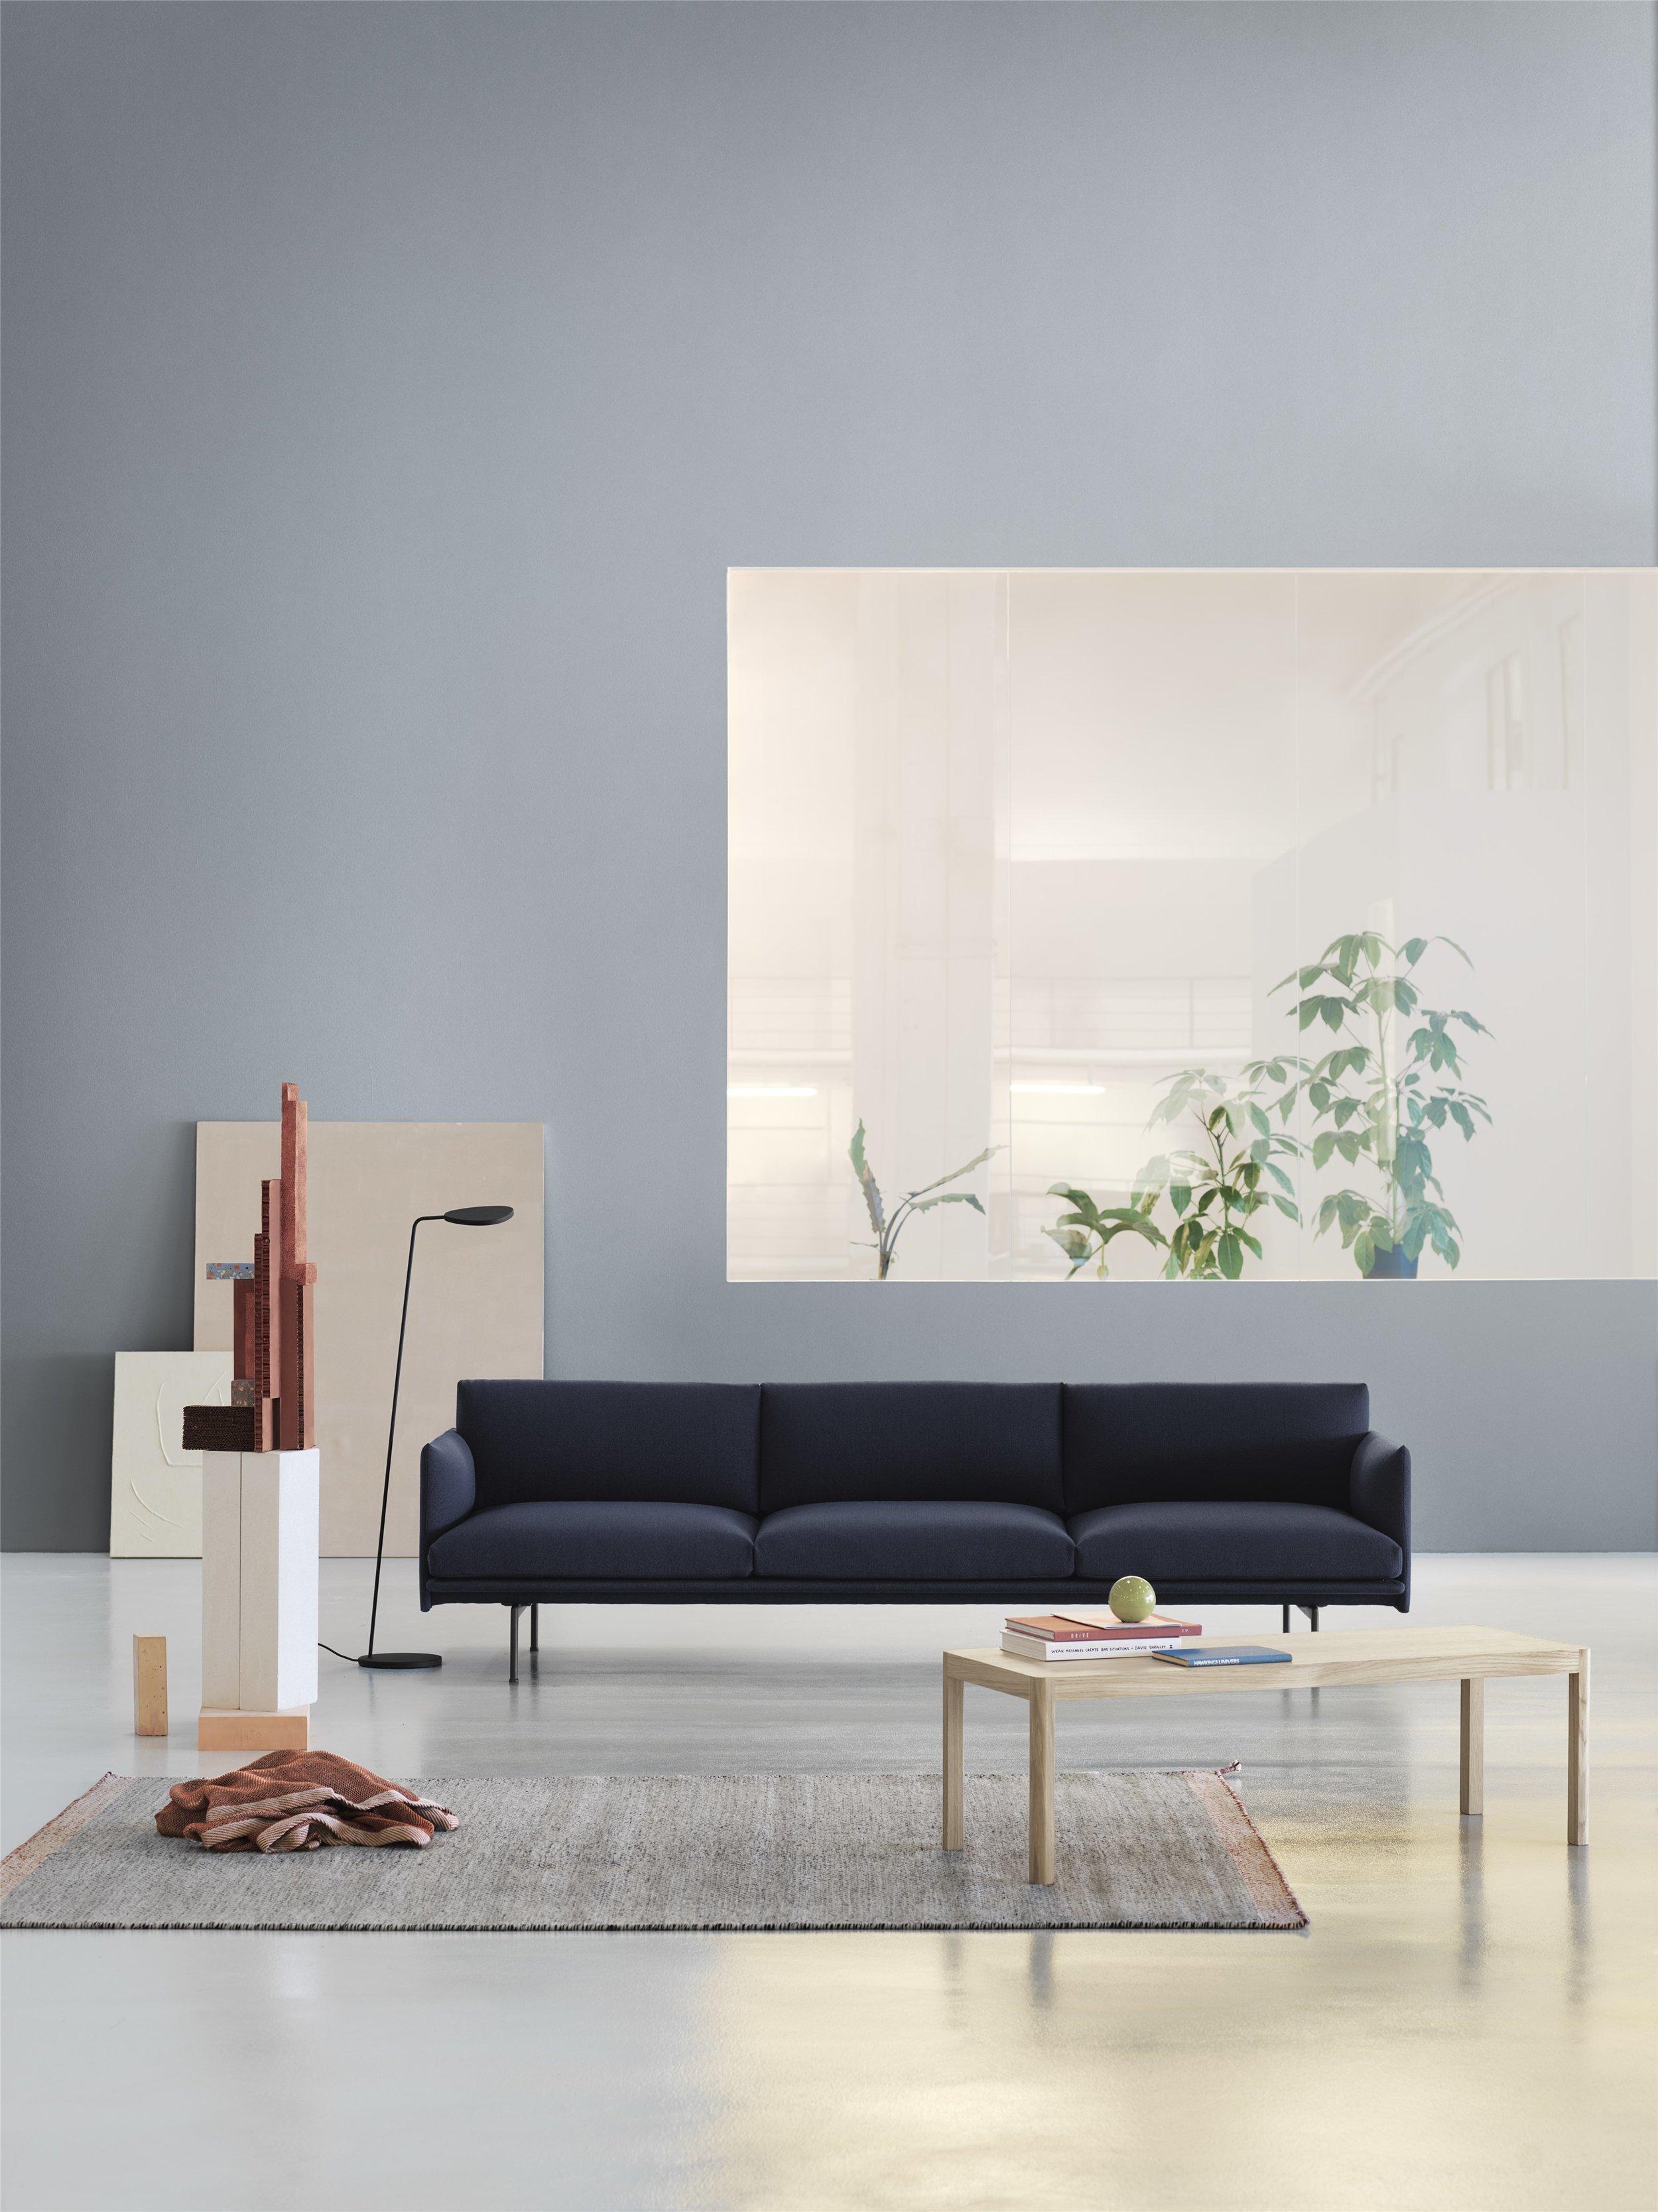 Outline-3-5-Seater-Vidar-554-Workshop-Coffee-Table-Oak-Ply-Sway-Leaf-Floor-Lamp-Org_(150).jpg